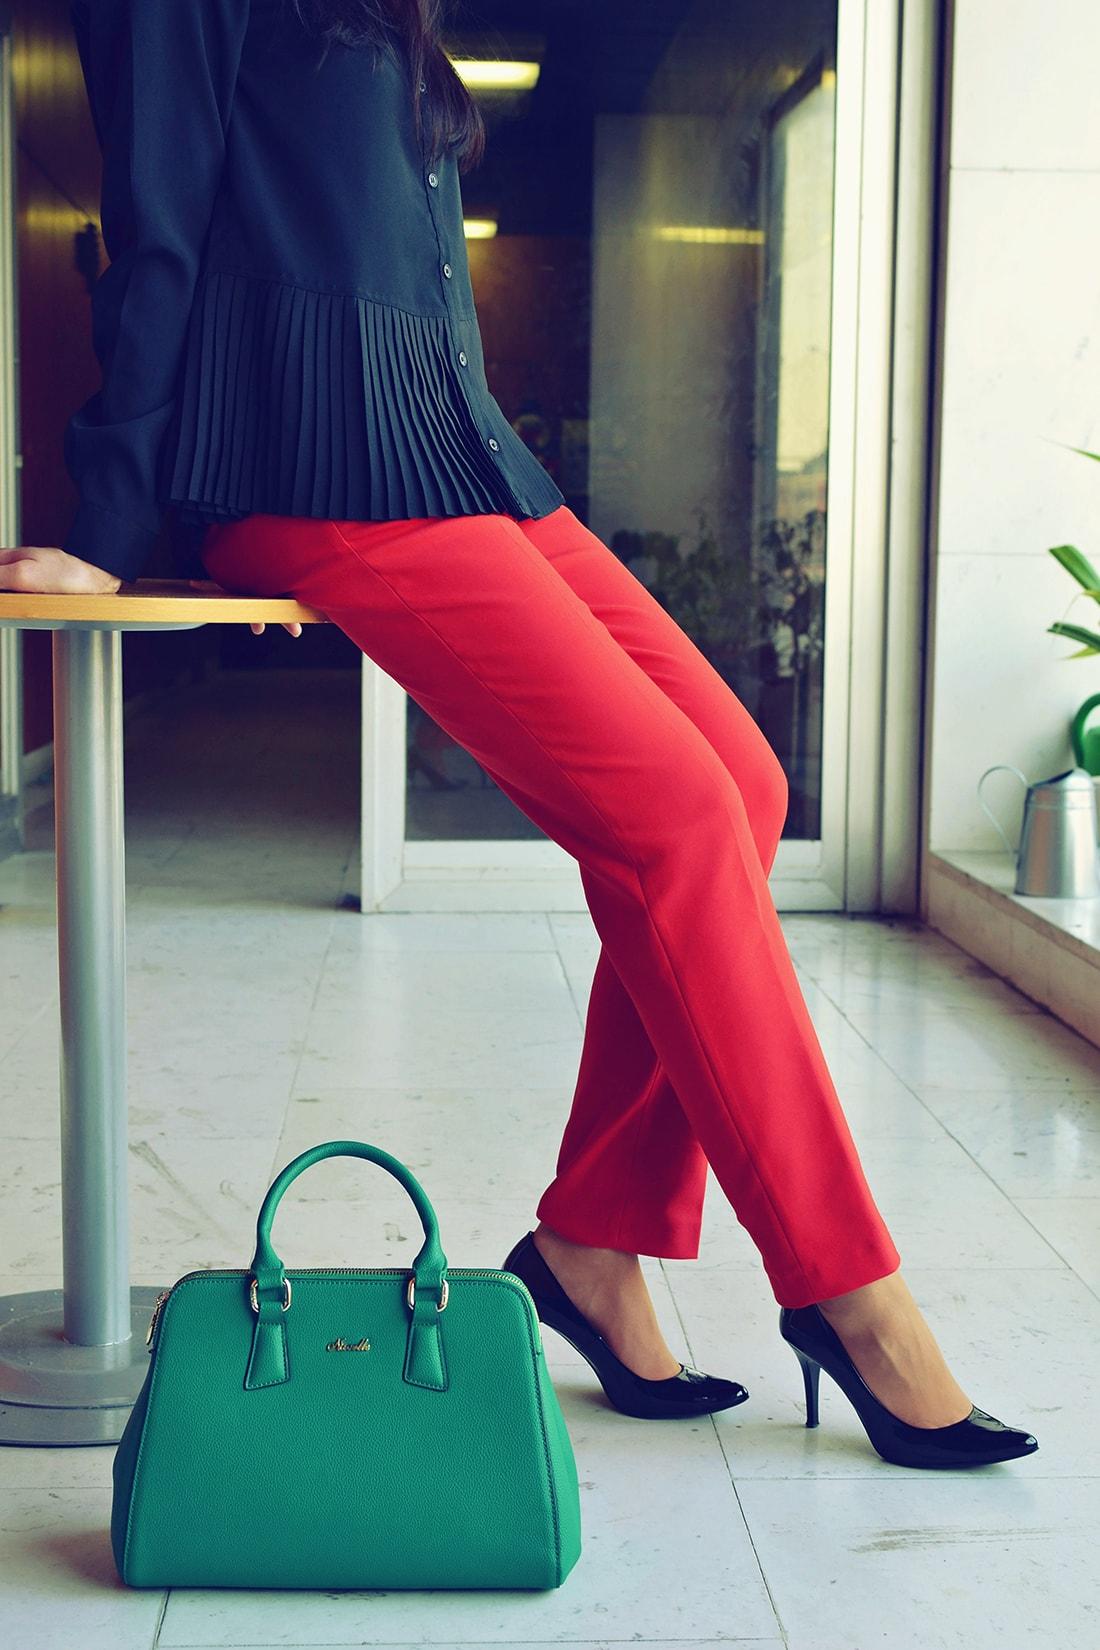 Plisovaná blúzka od Bonprixu_Katharine-fashion is beautiful_blog 5_Plisovaná blúzka_Červené nohavice_Katarína Jakubčová_Fashion blogger